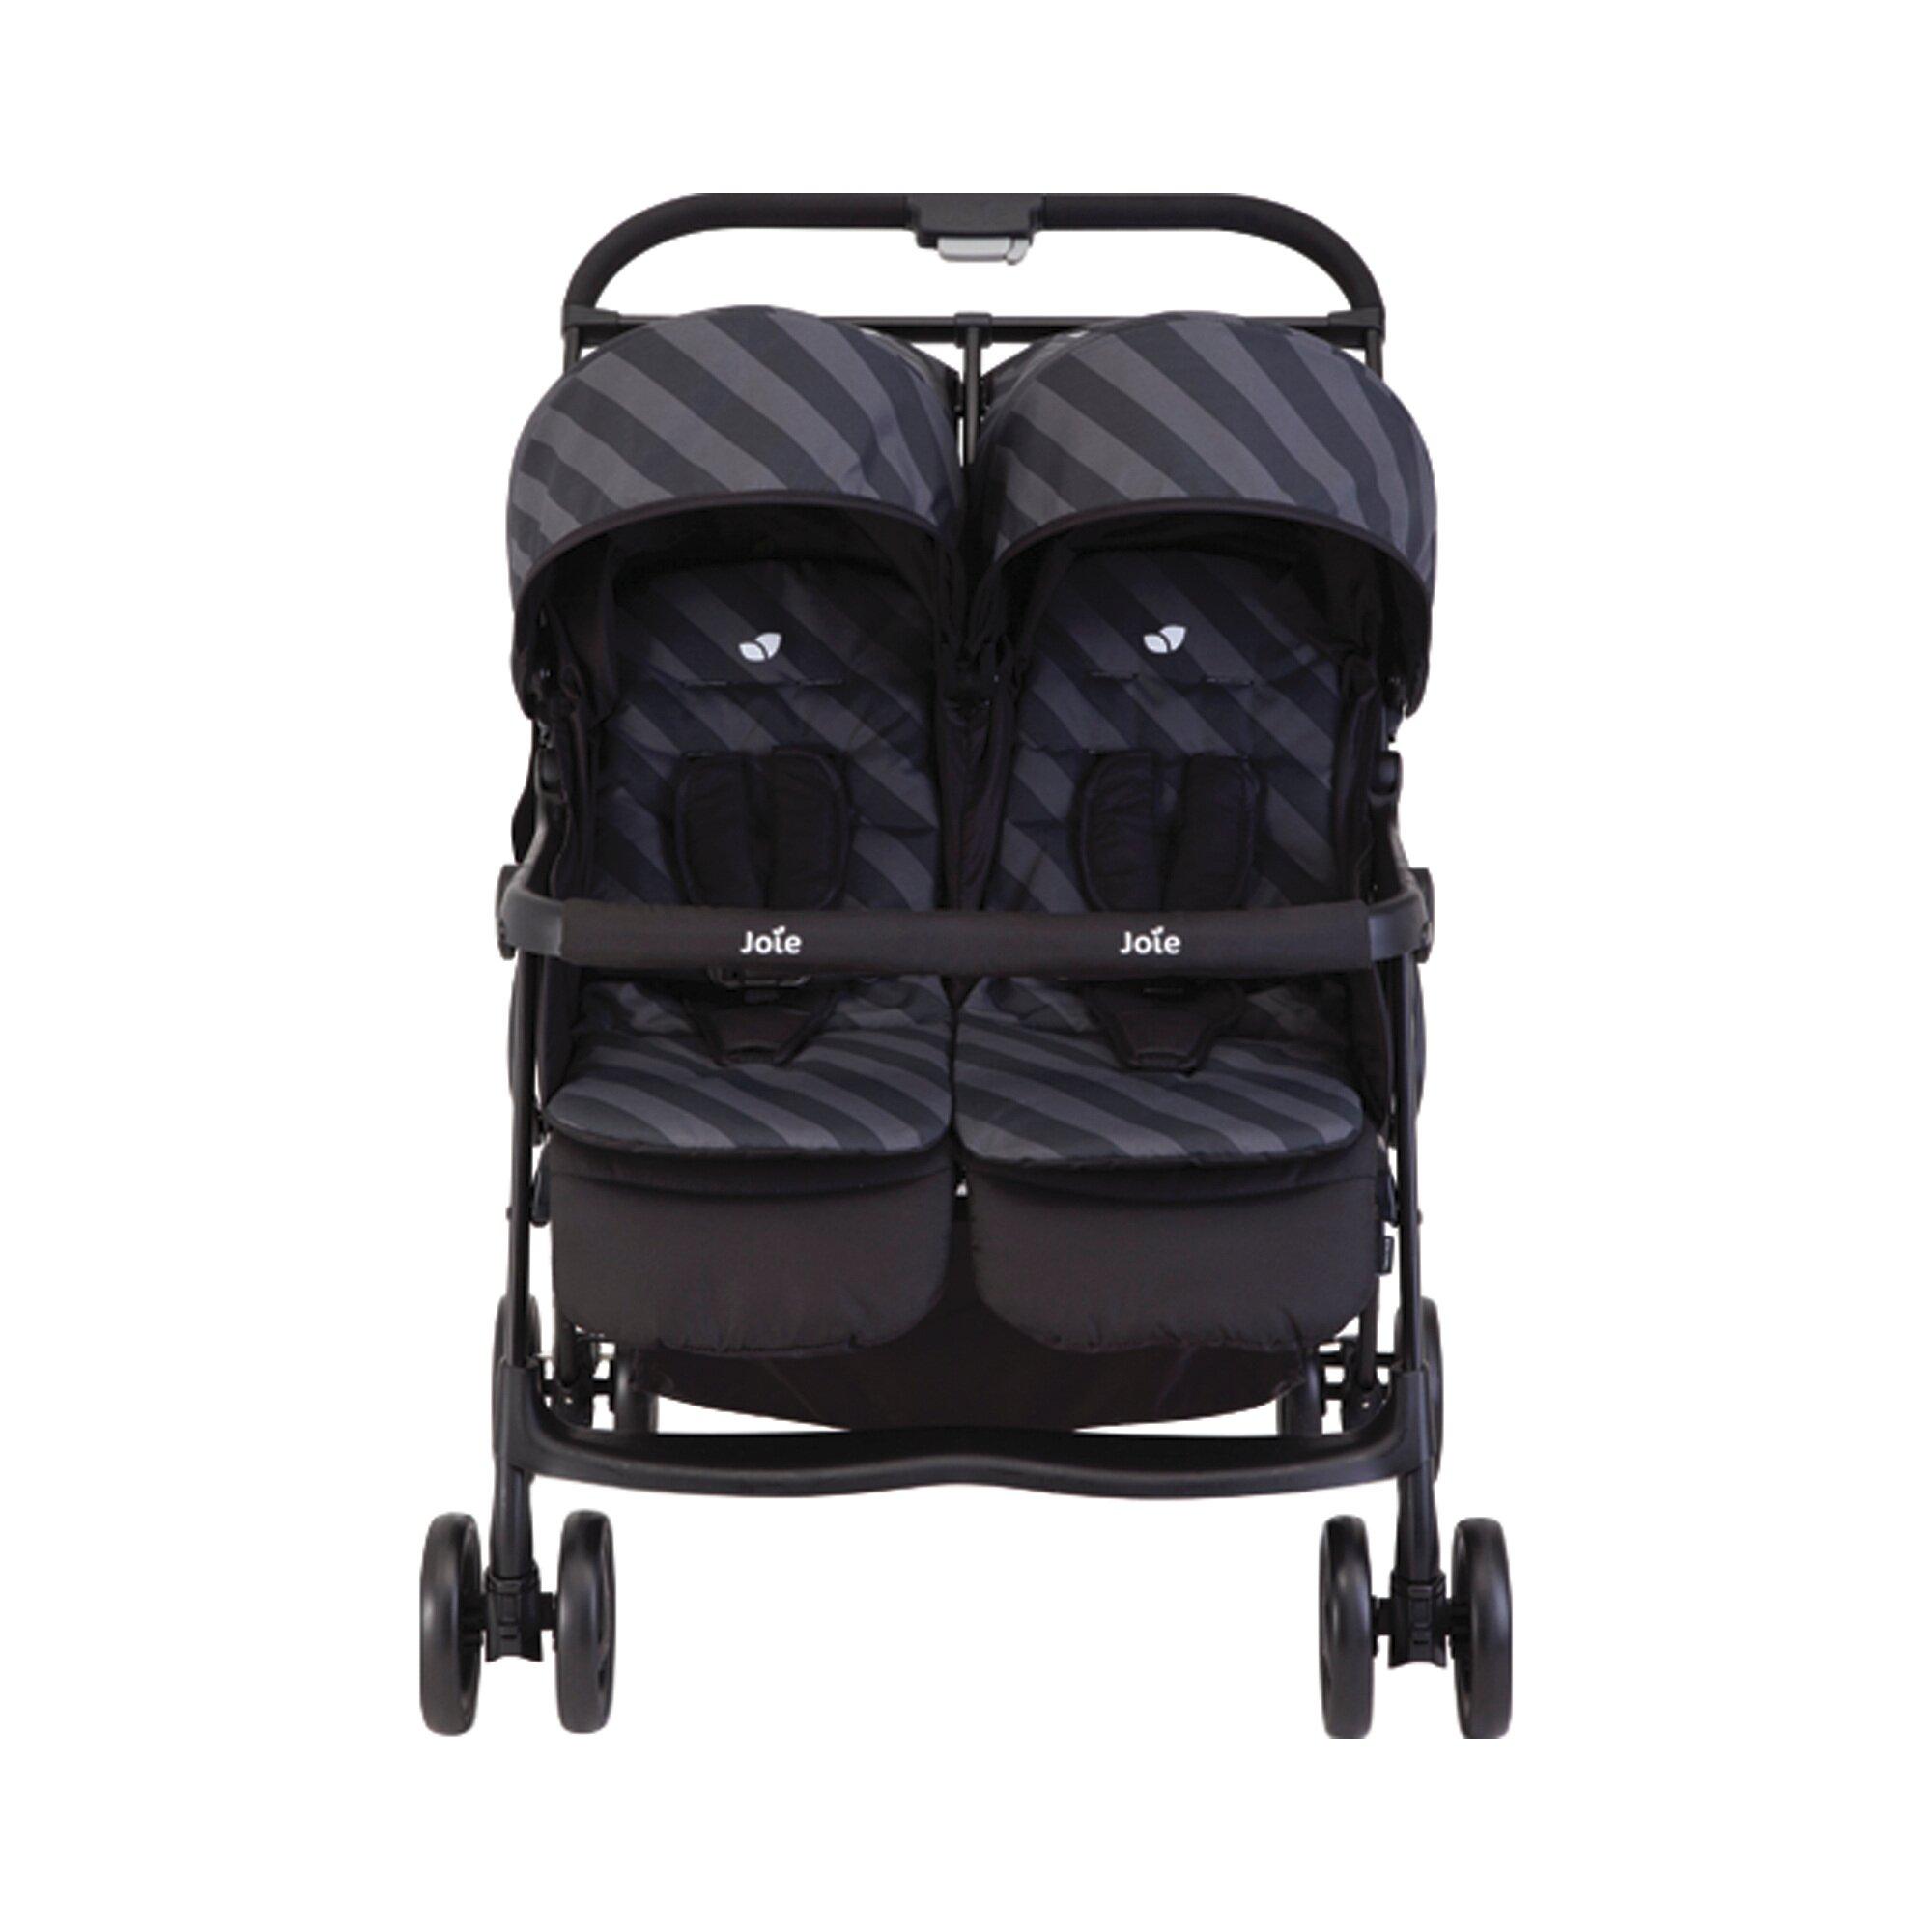 joie-aire-twin-kinderwagen-zwillingswagen-design-2016-schwarz, 166.99 EUR @ babywalz-de